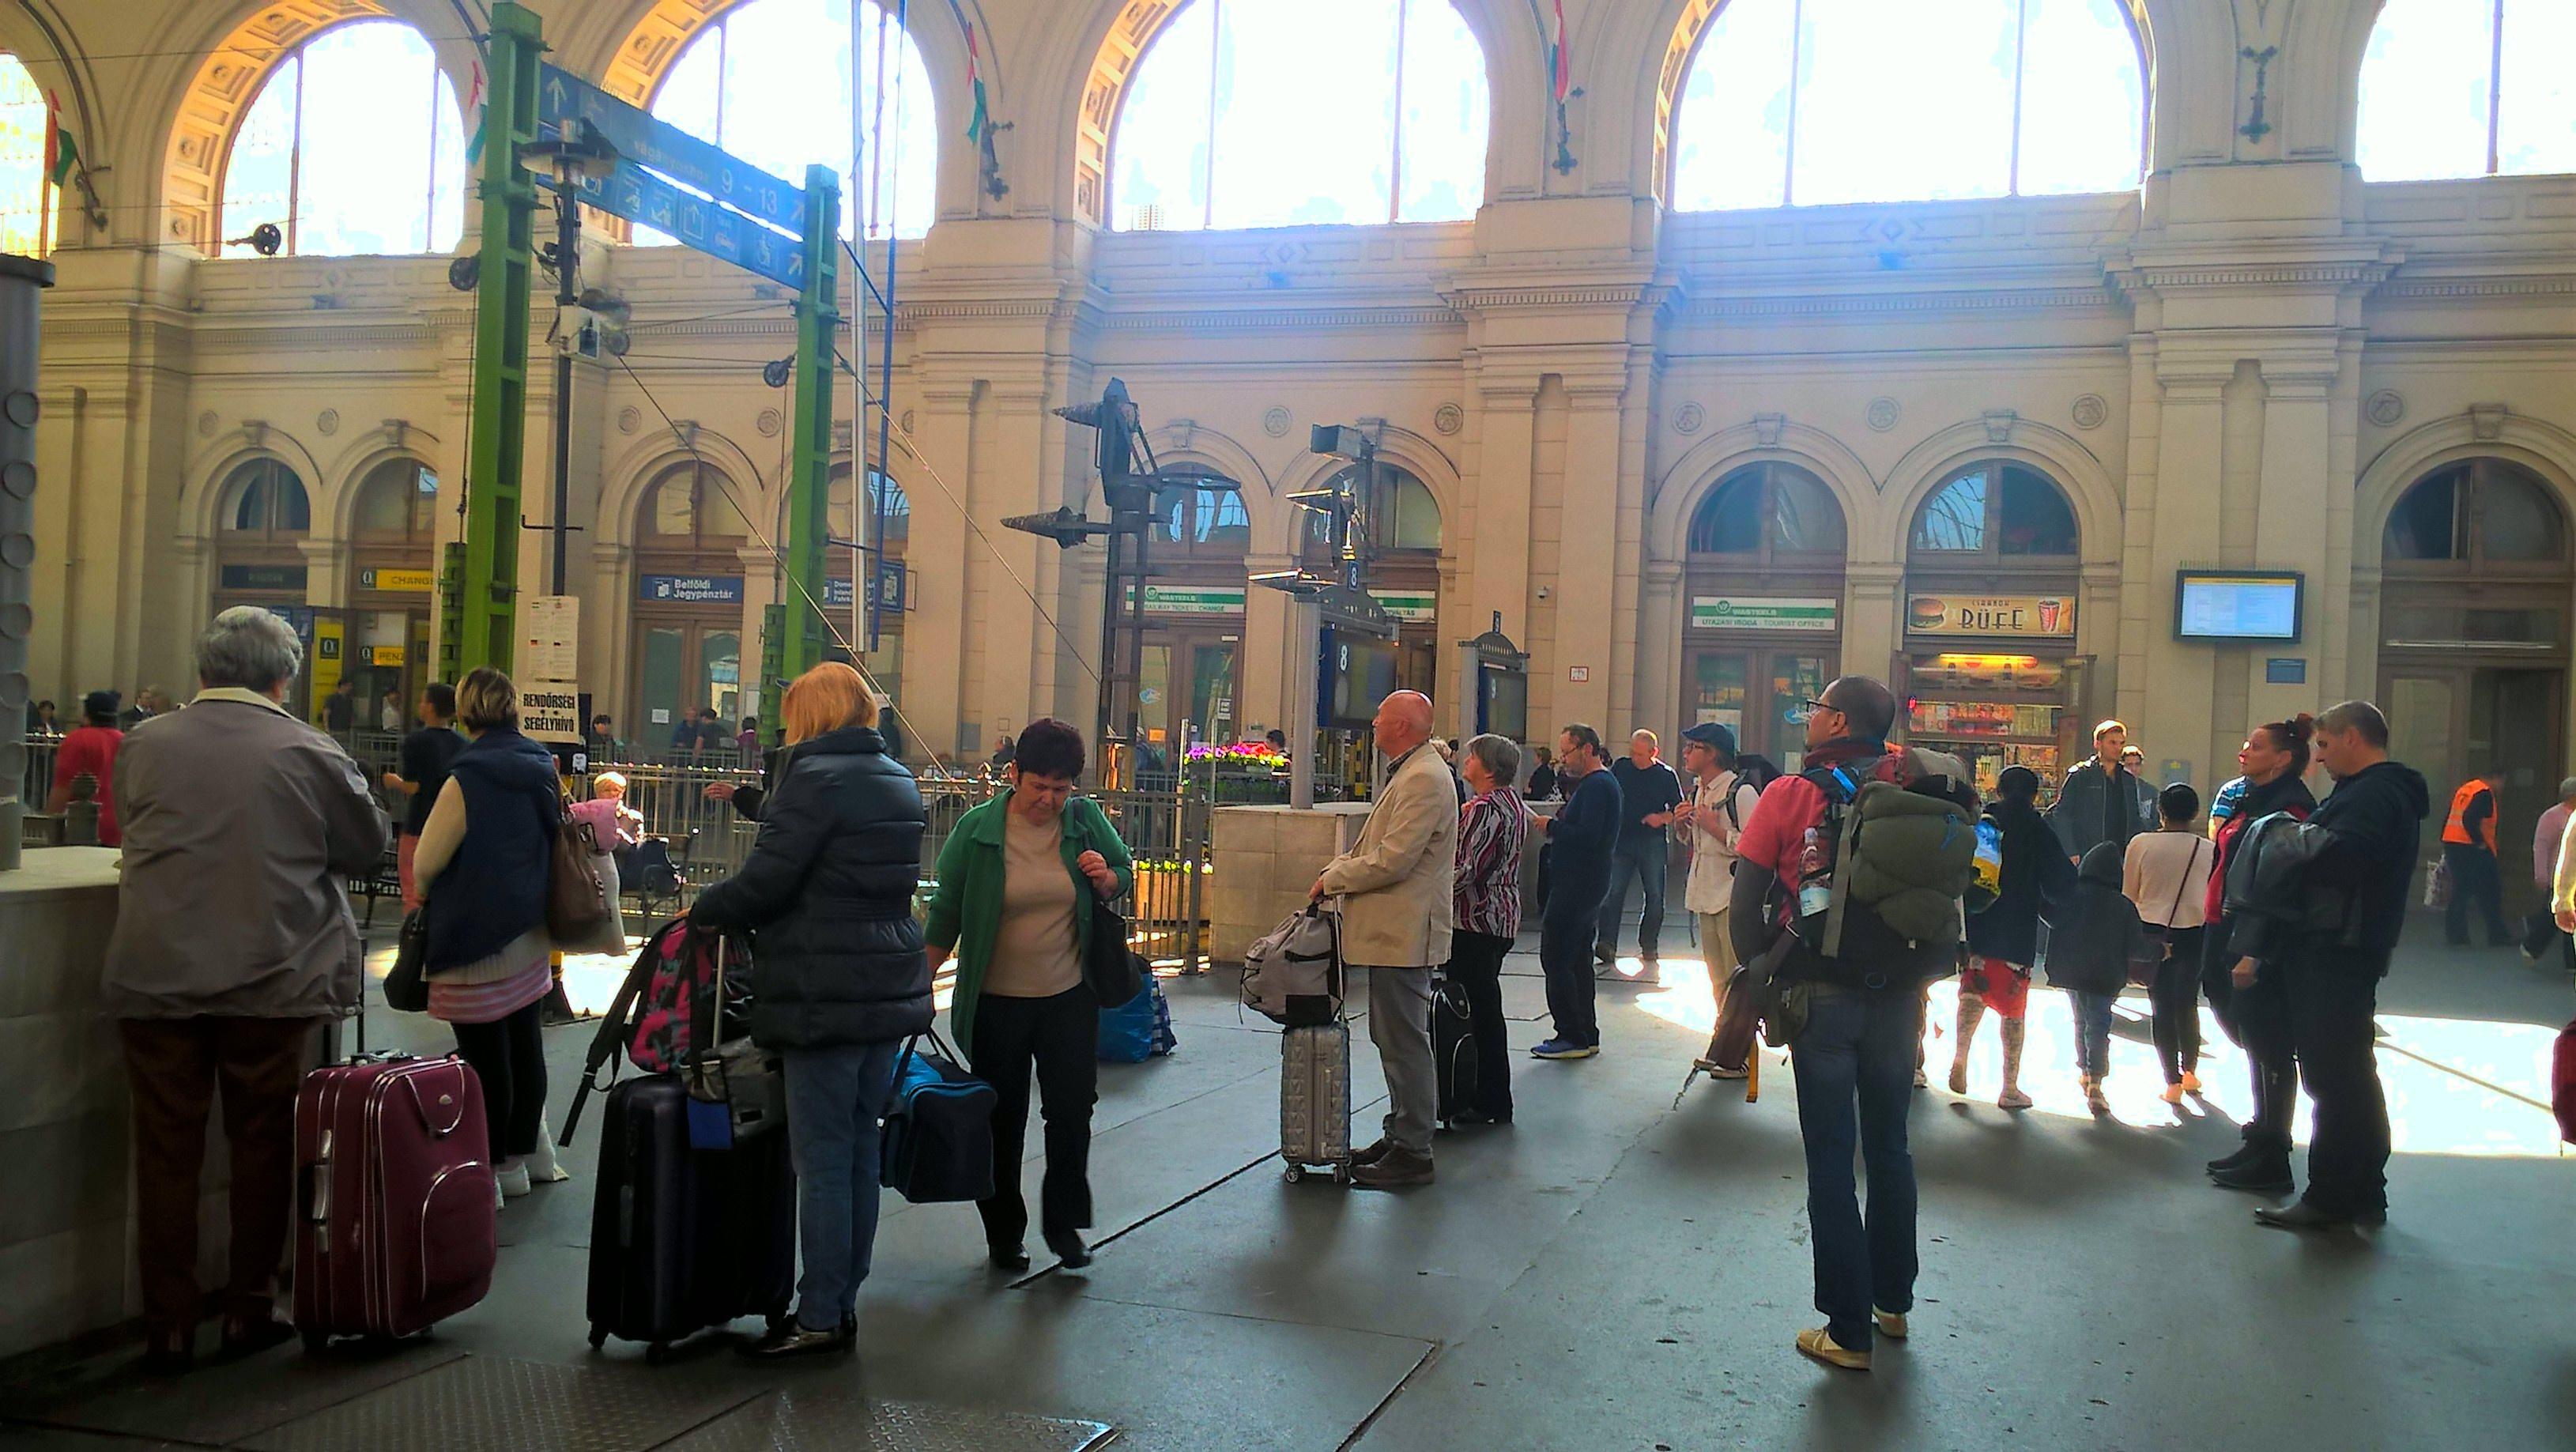 A la espera del tren hacia Alemania. Estación Budapest Keleti, Hungría.